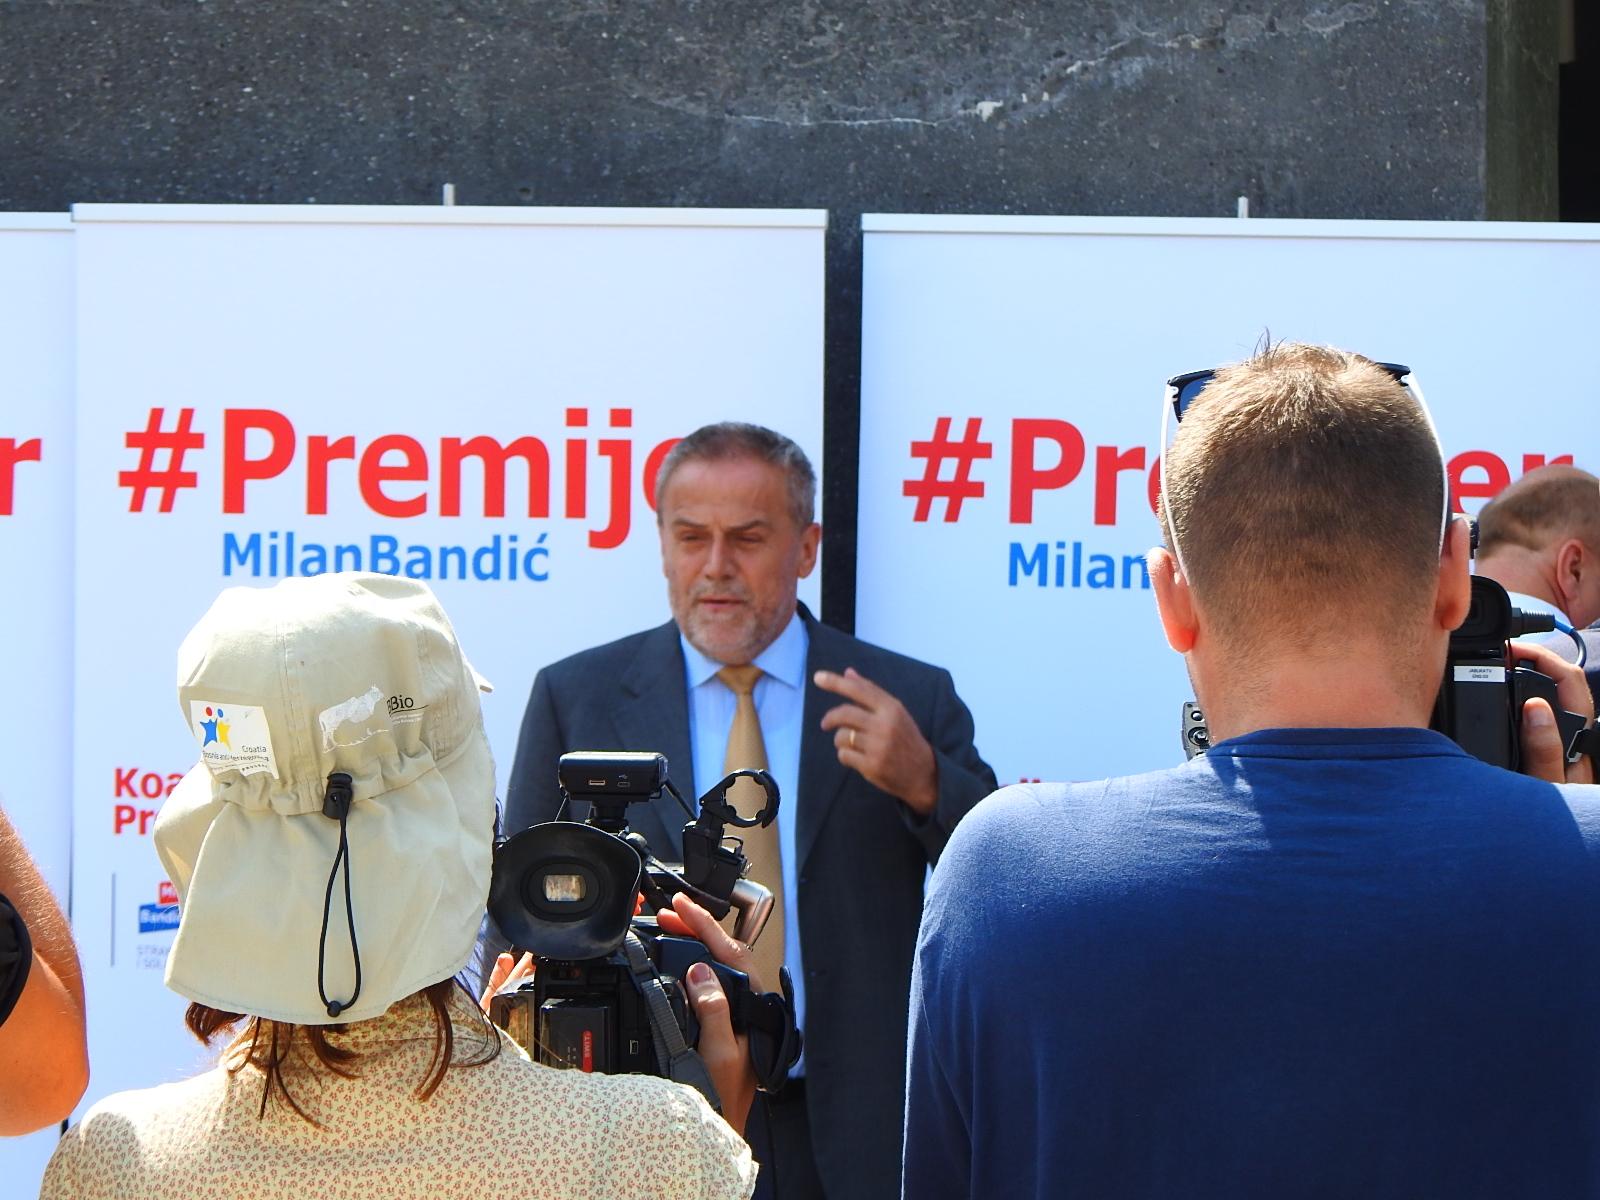 Da nastavnici, liječnici, sestre…imaju klub u Saboru kao Bandić, i s njima bi Plenković drugačije razgovarao…